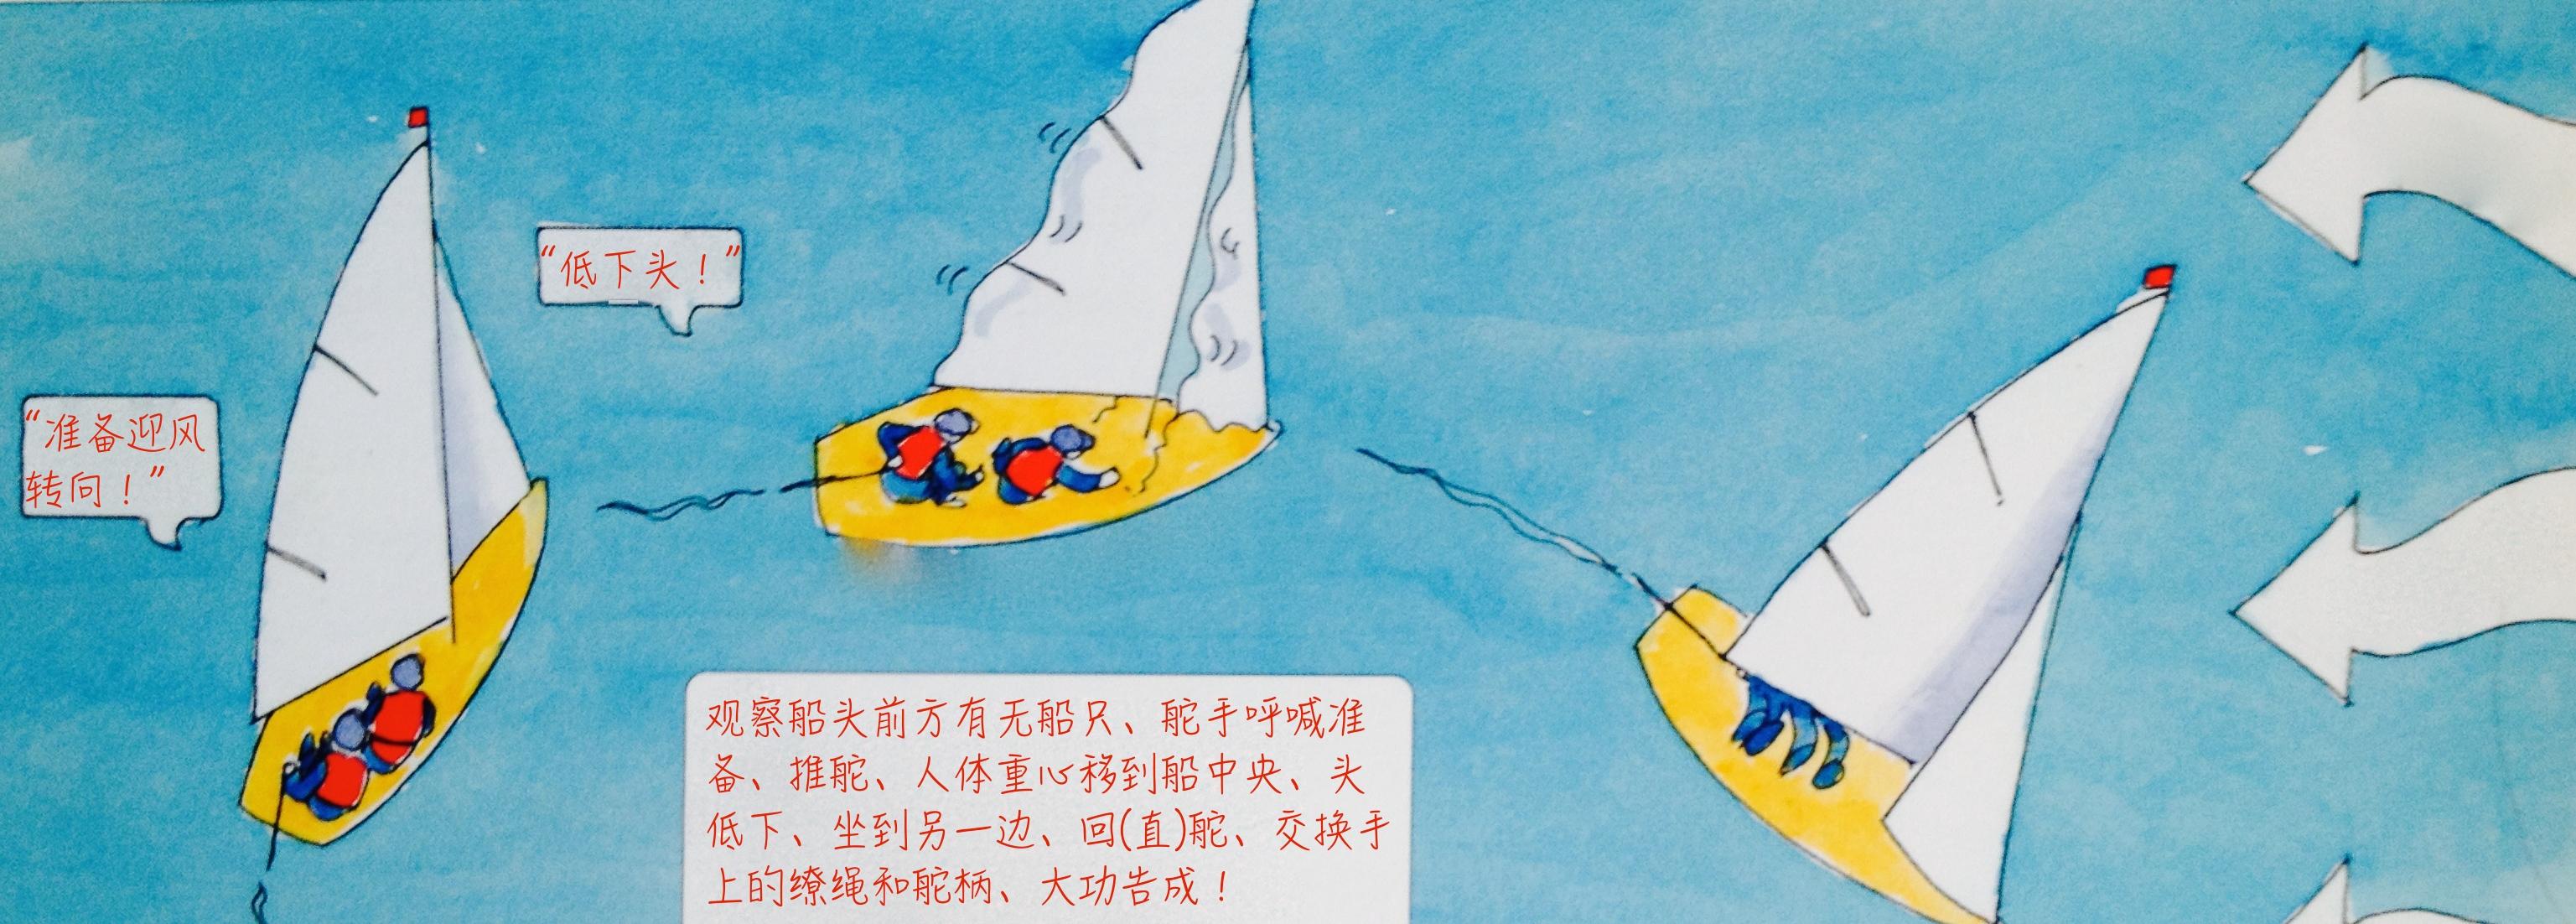 转向就是把船头调离原来的方向和路线,穿越过正顶风之后,驶向另一个方向。 9b.jpg